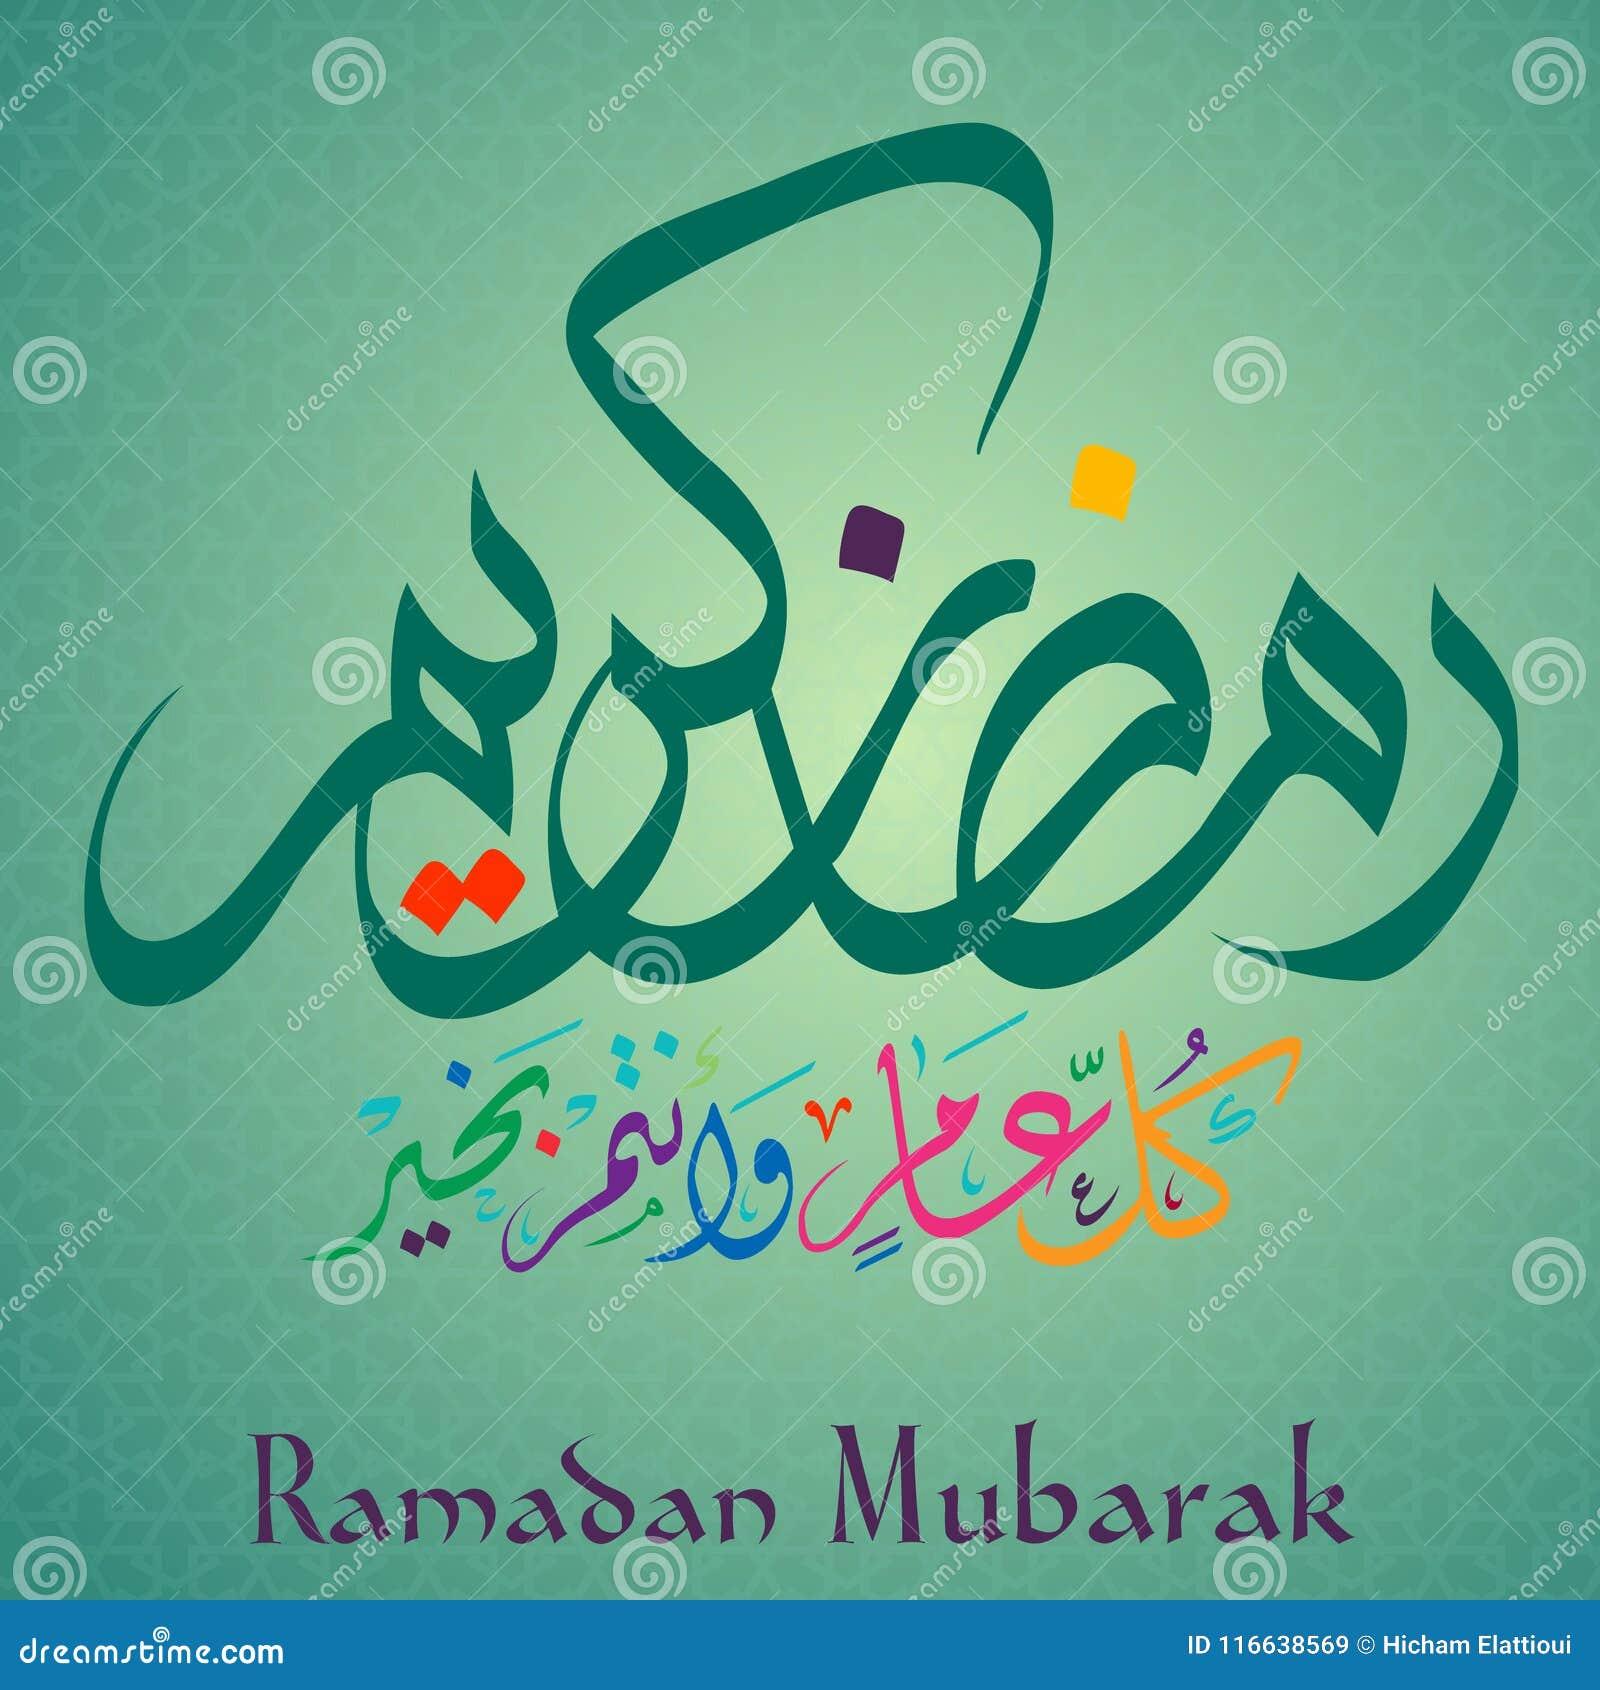 Ramadan kareem islamic greeting with arabic calligraphy stock ramadan kareem islamic greeting with arabic calligraphy m4hsunfo